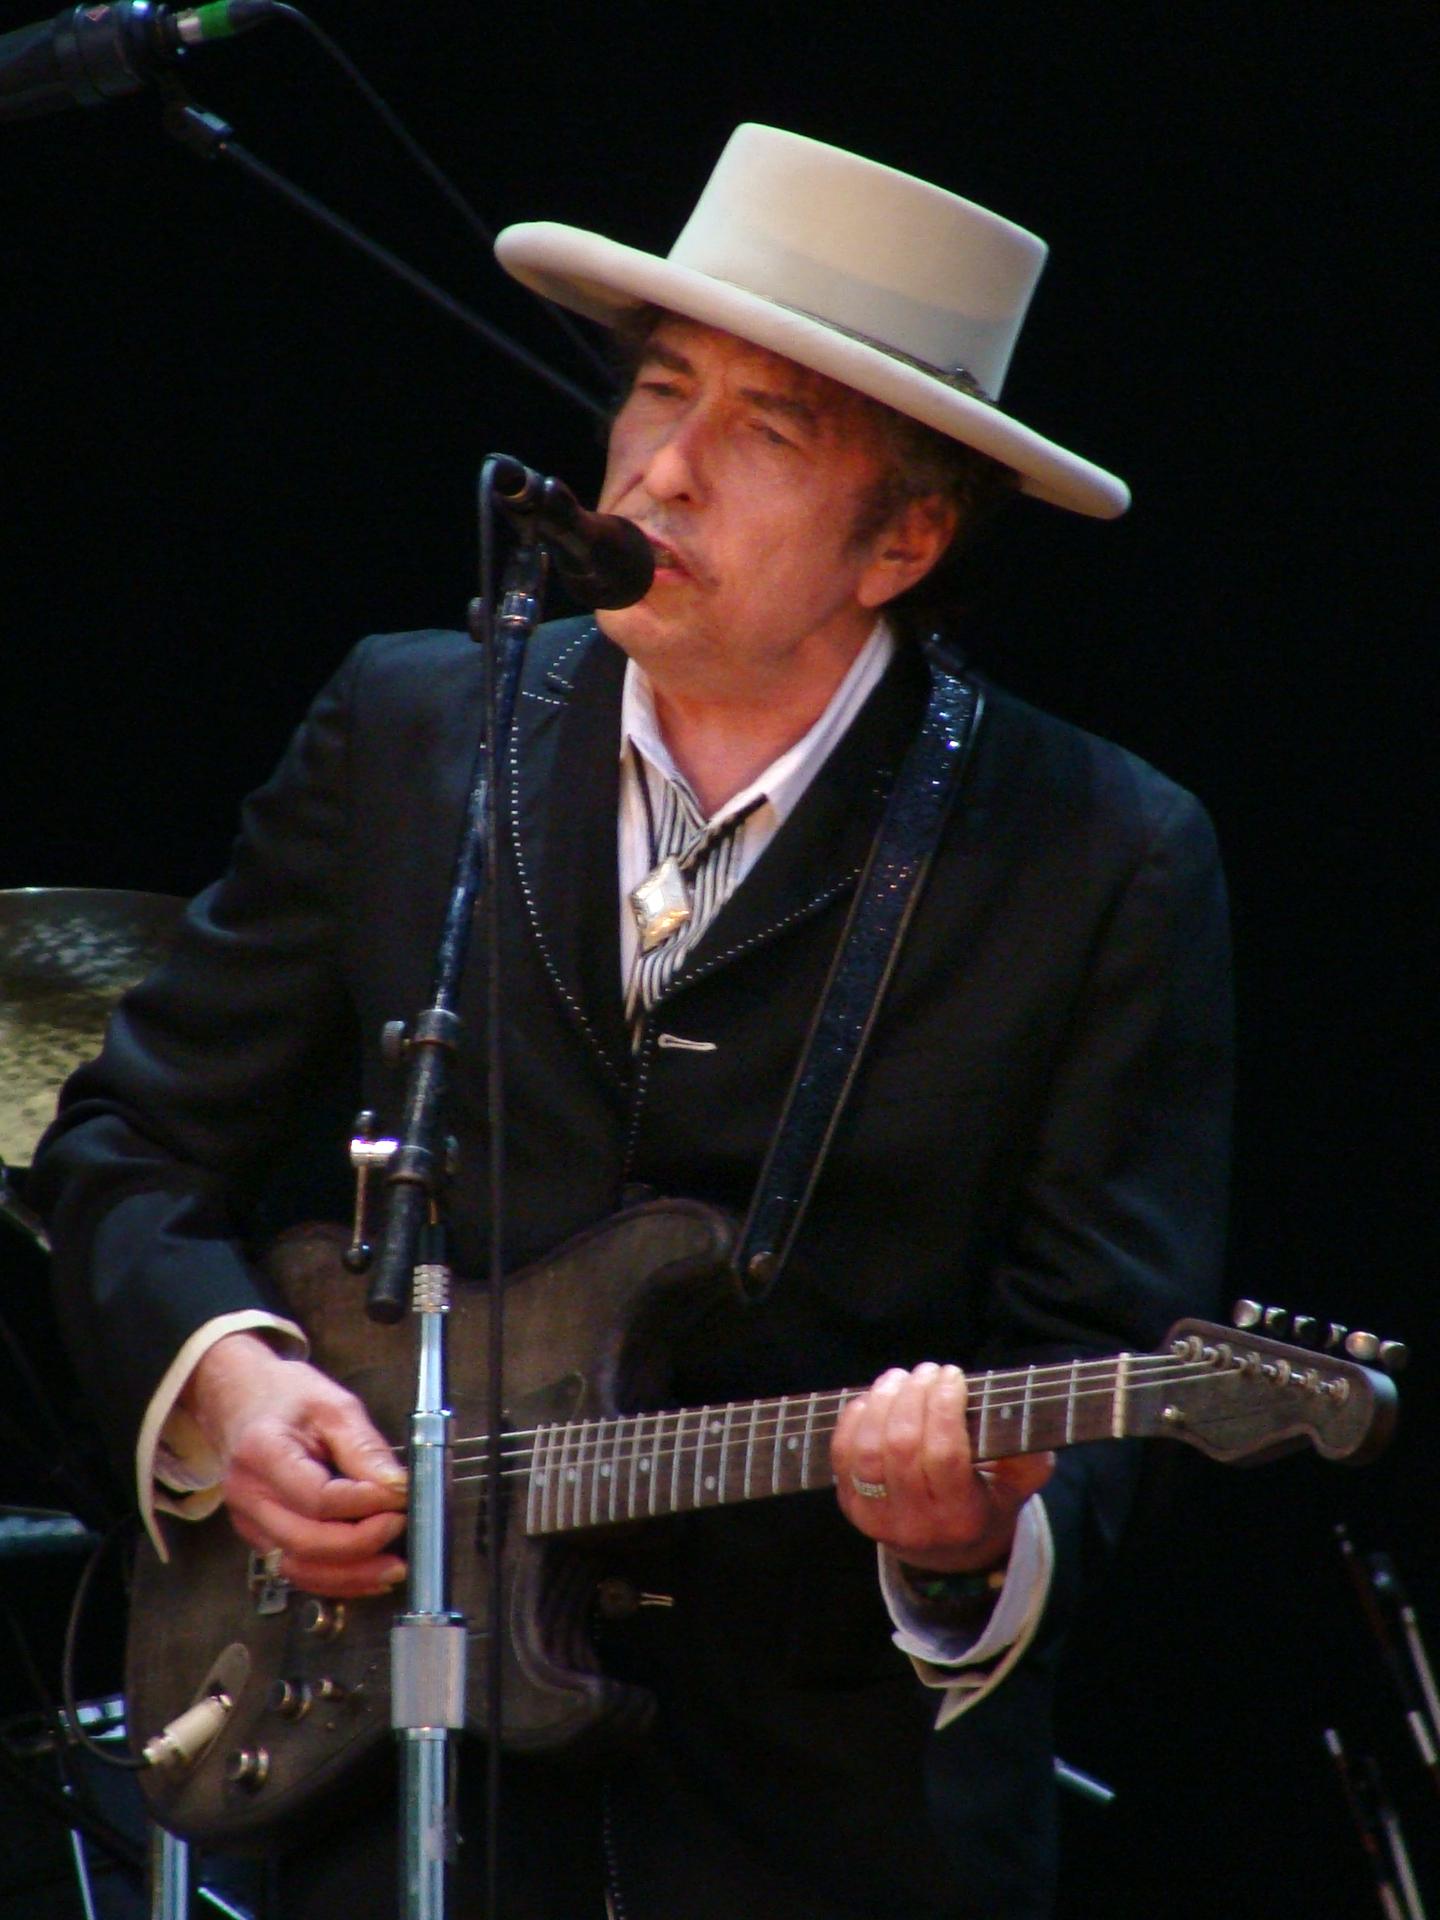 Depiction of Bob Dylan